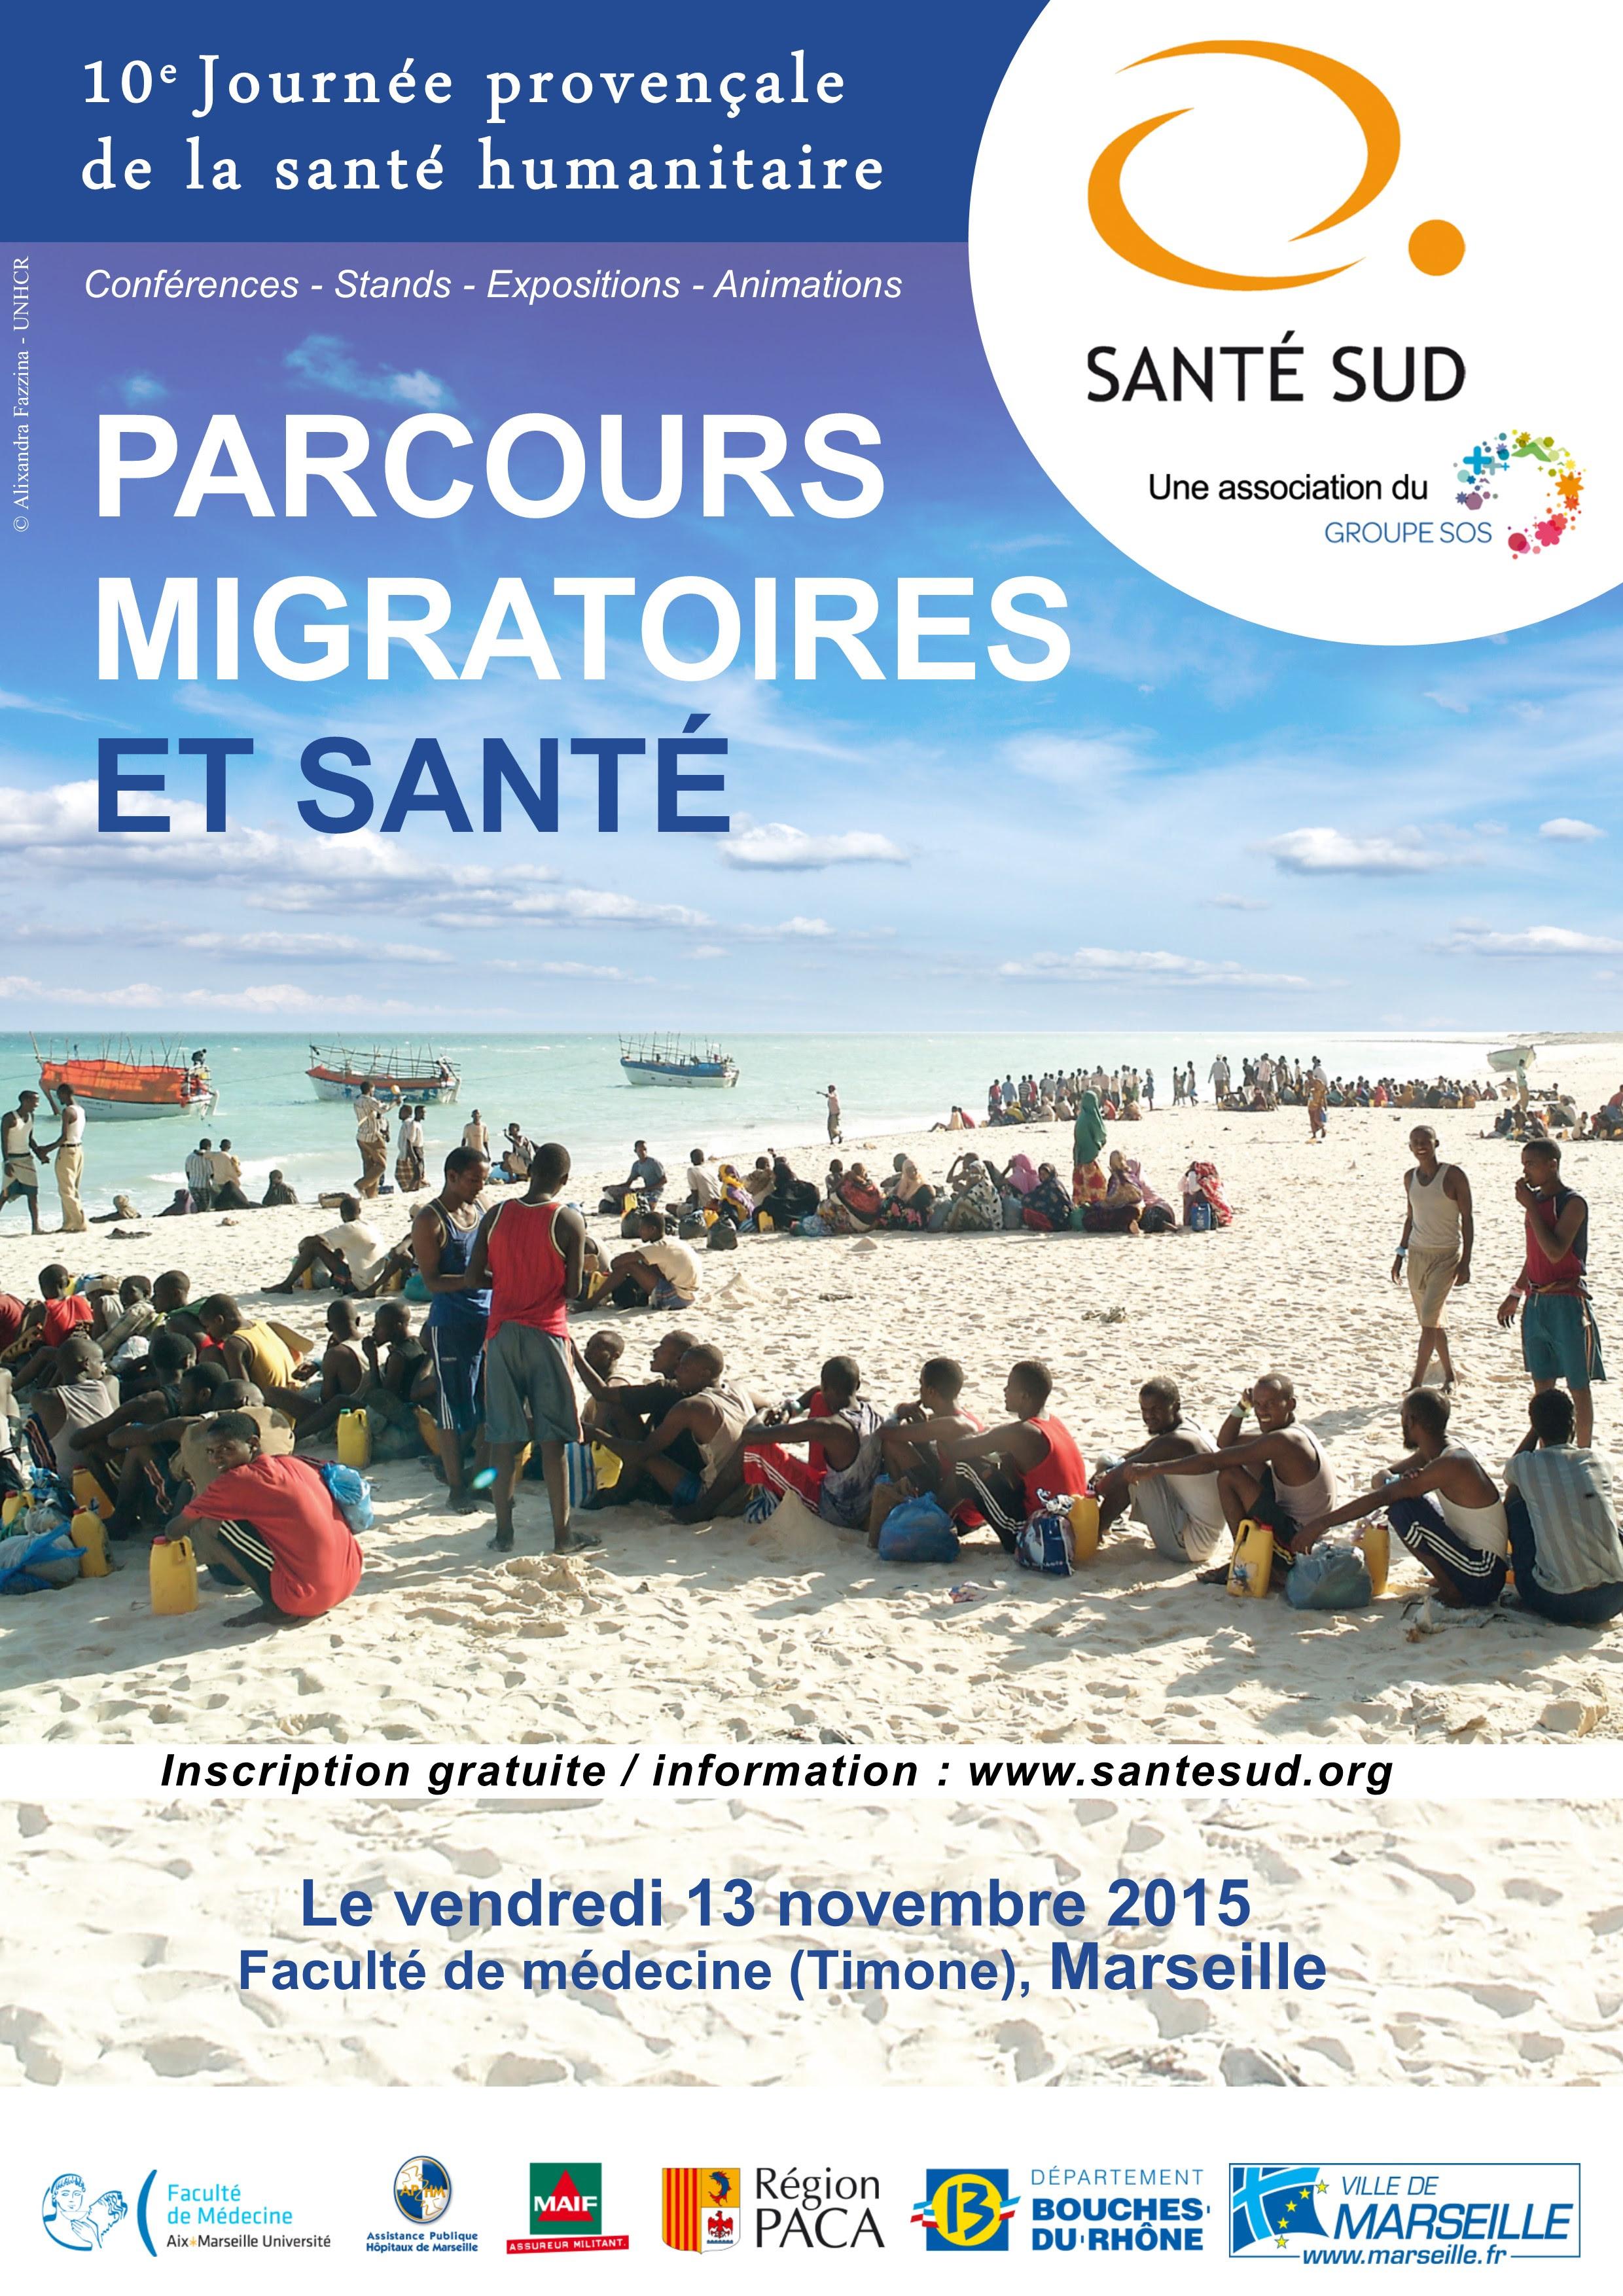 Parcours migratoires et santé